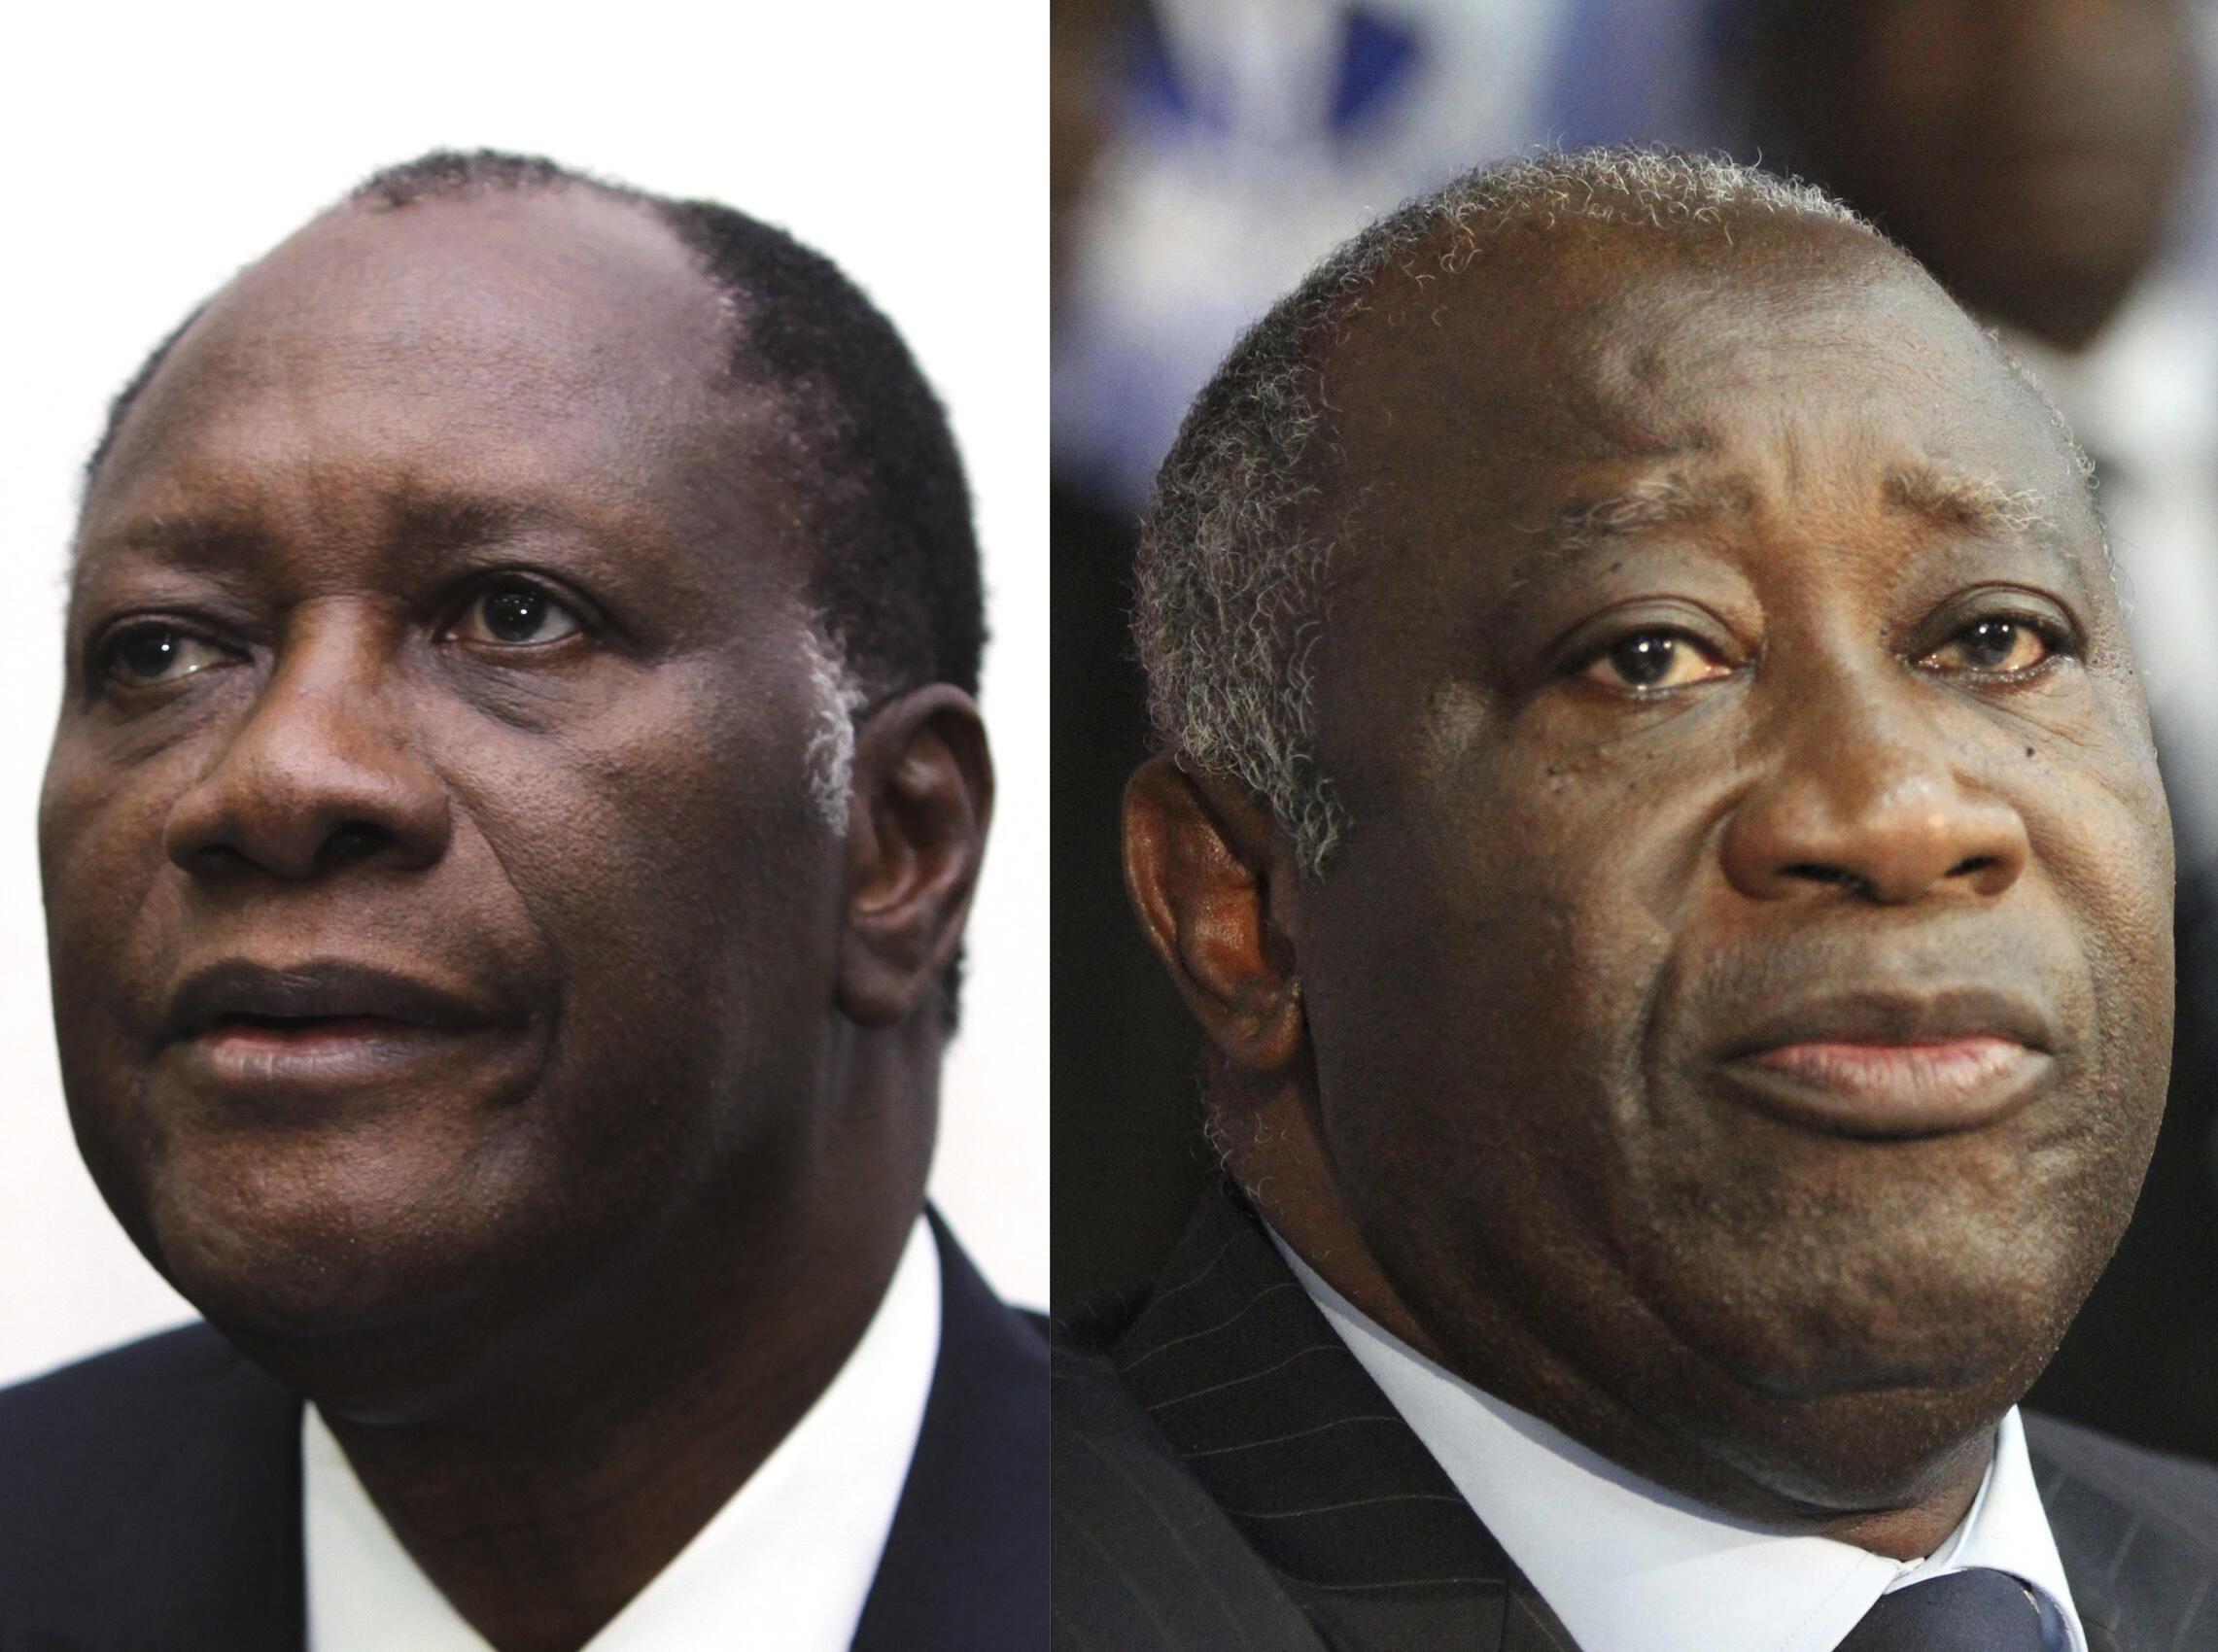 L'actuel chef d'État de Côte d'Ivoire Alassane Ouattara (G) et  l'ex-président Laurent Gbagbo (D).